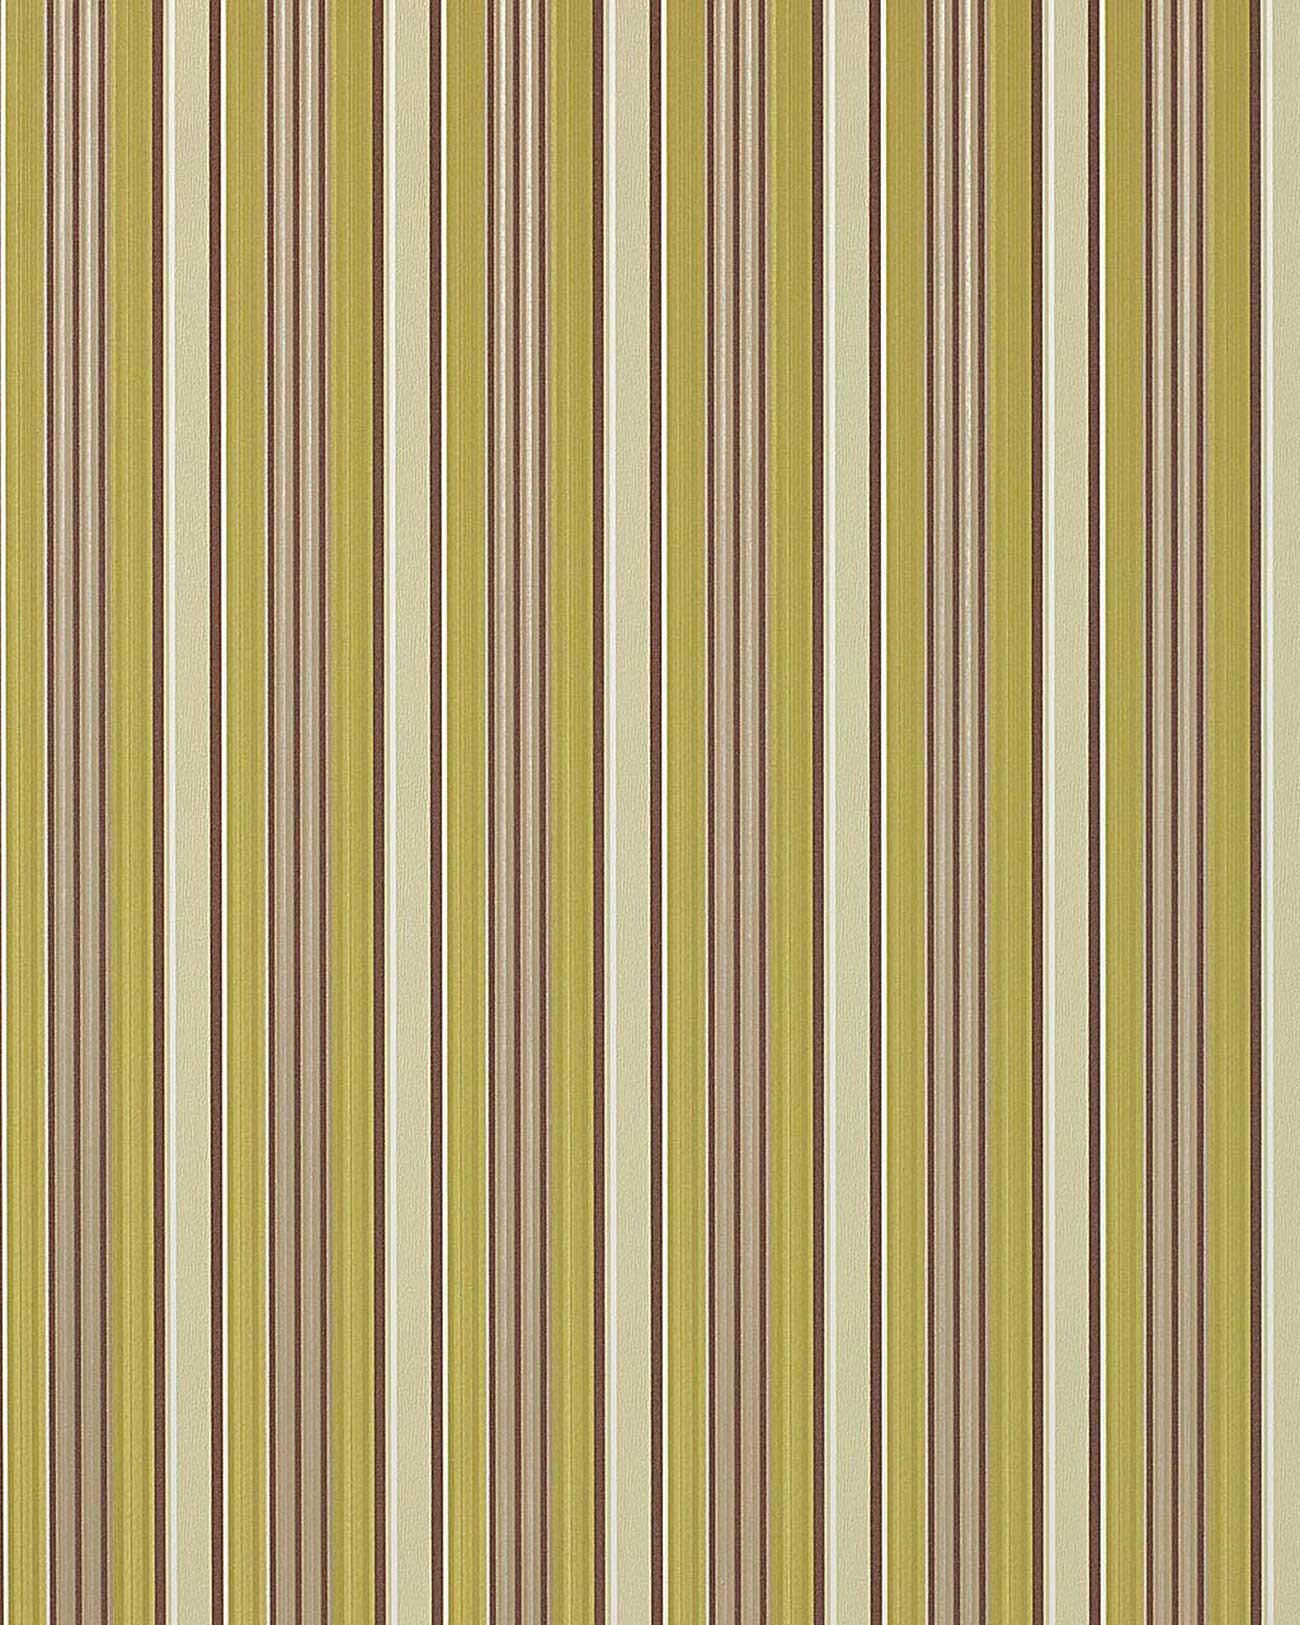 streifen tapete edem 825 28 hochwertige gepr gte tapete brilliante farben elfenbein schoko braun. Black Bedroom Furniture Sets. Home Design Ideas